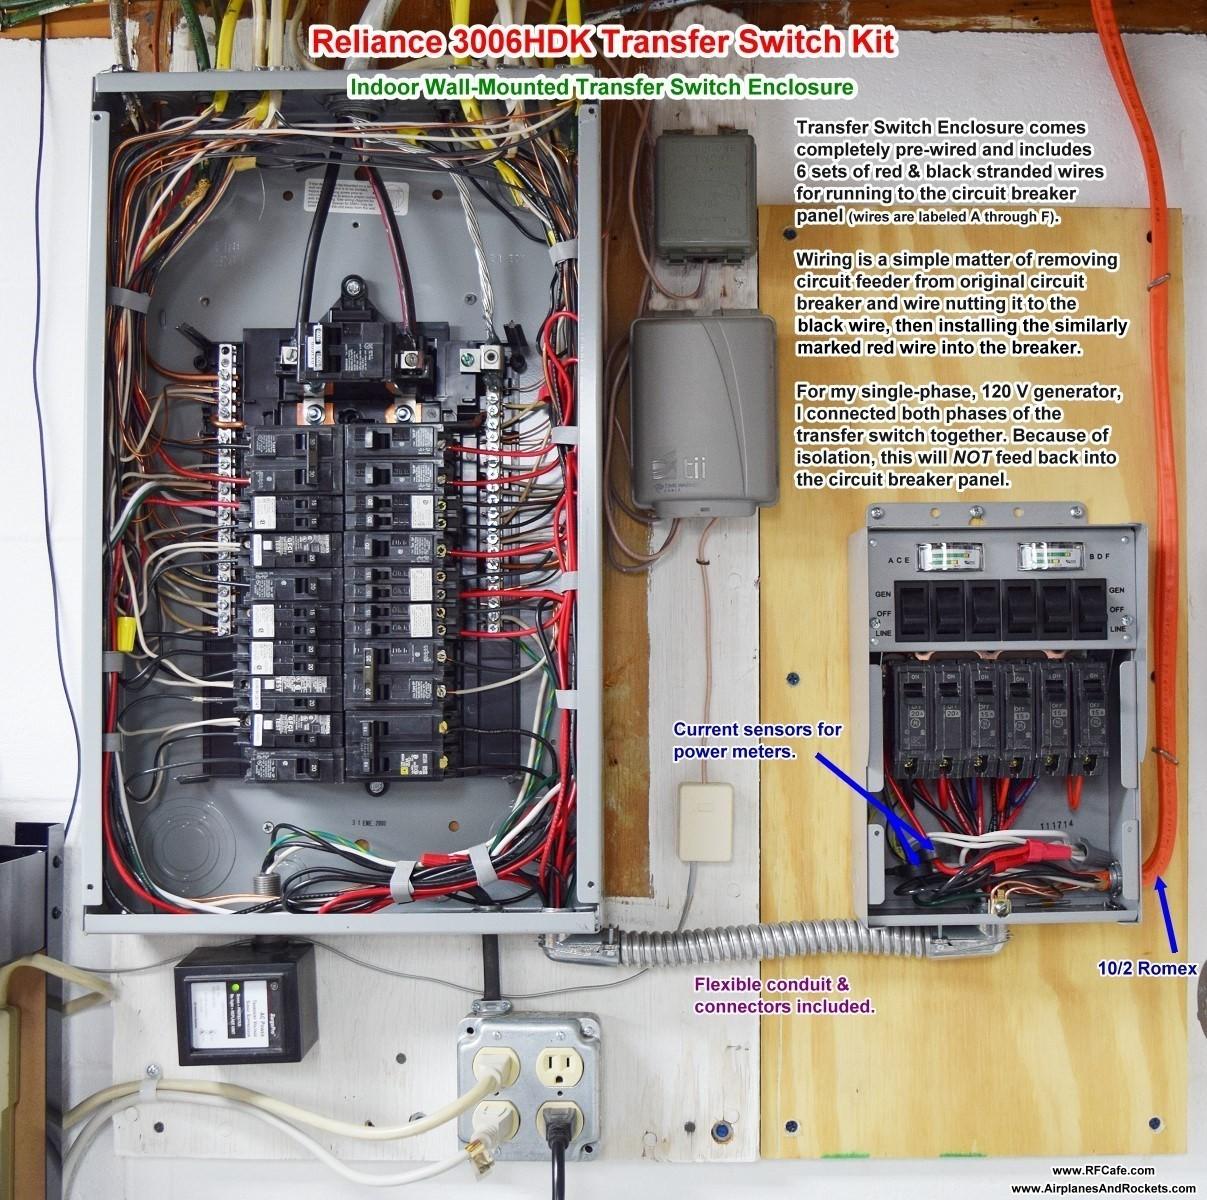 125 Amp Main Breaker Panel Wiring Diagram Electrical Diagrams Sub Image Siemens